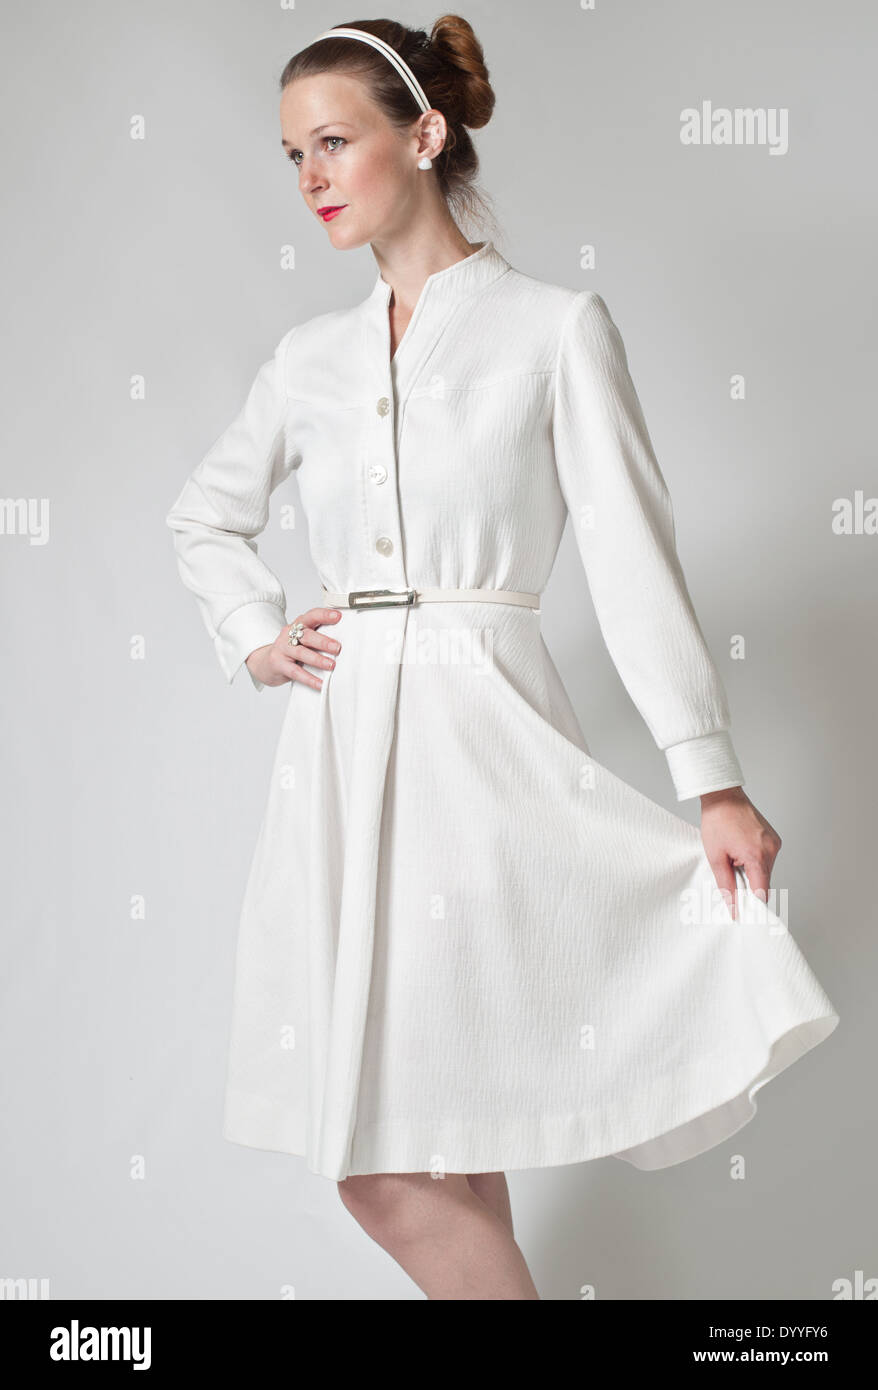 79995ecb1 Hermosa Mujer Vestida Con Ropa Vintage Imágenes De Stock & Hermosa ...